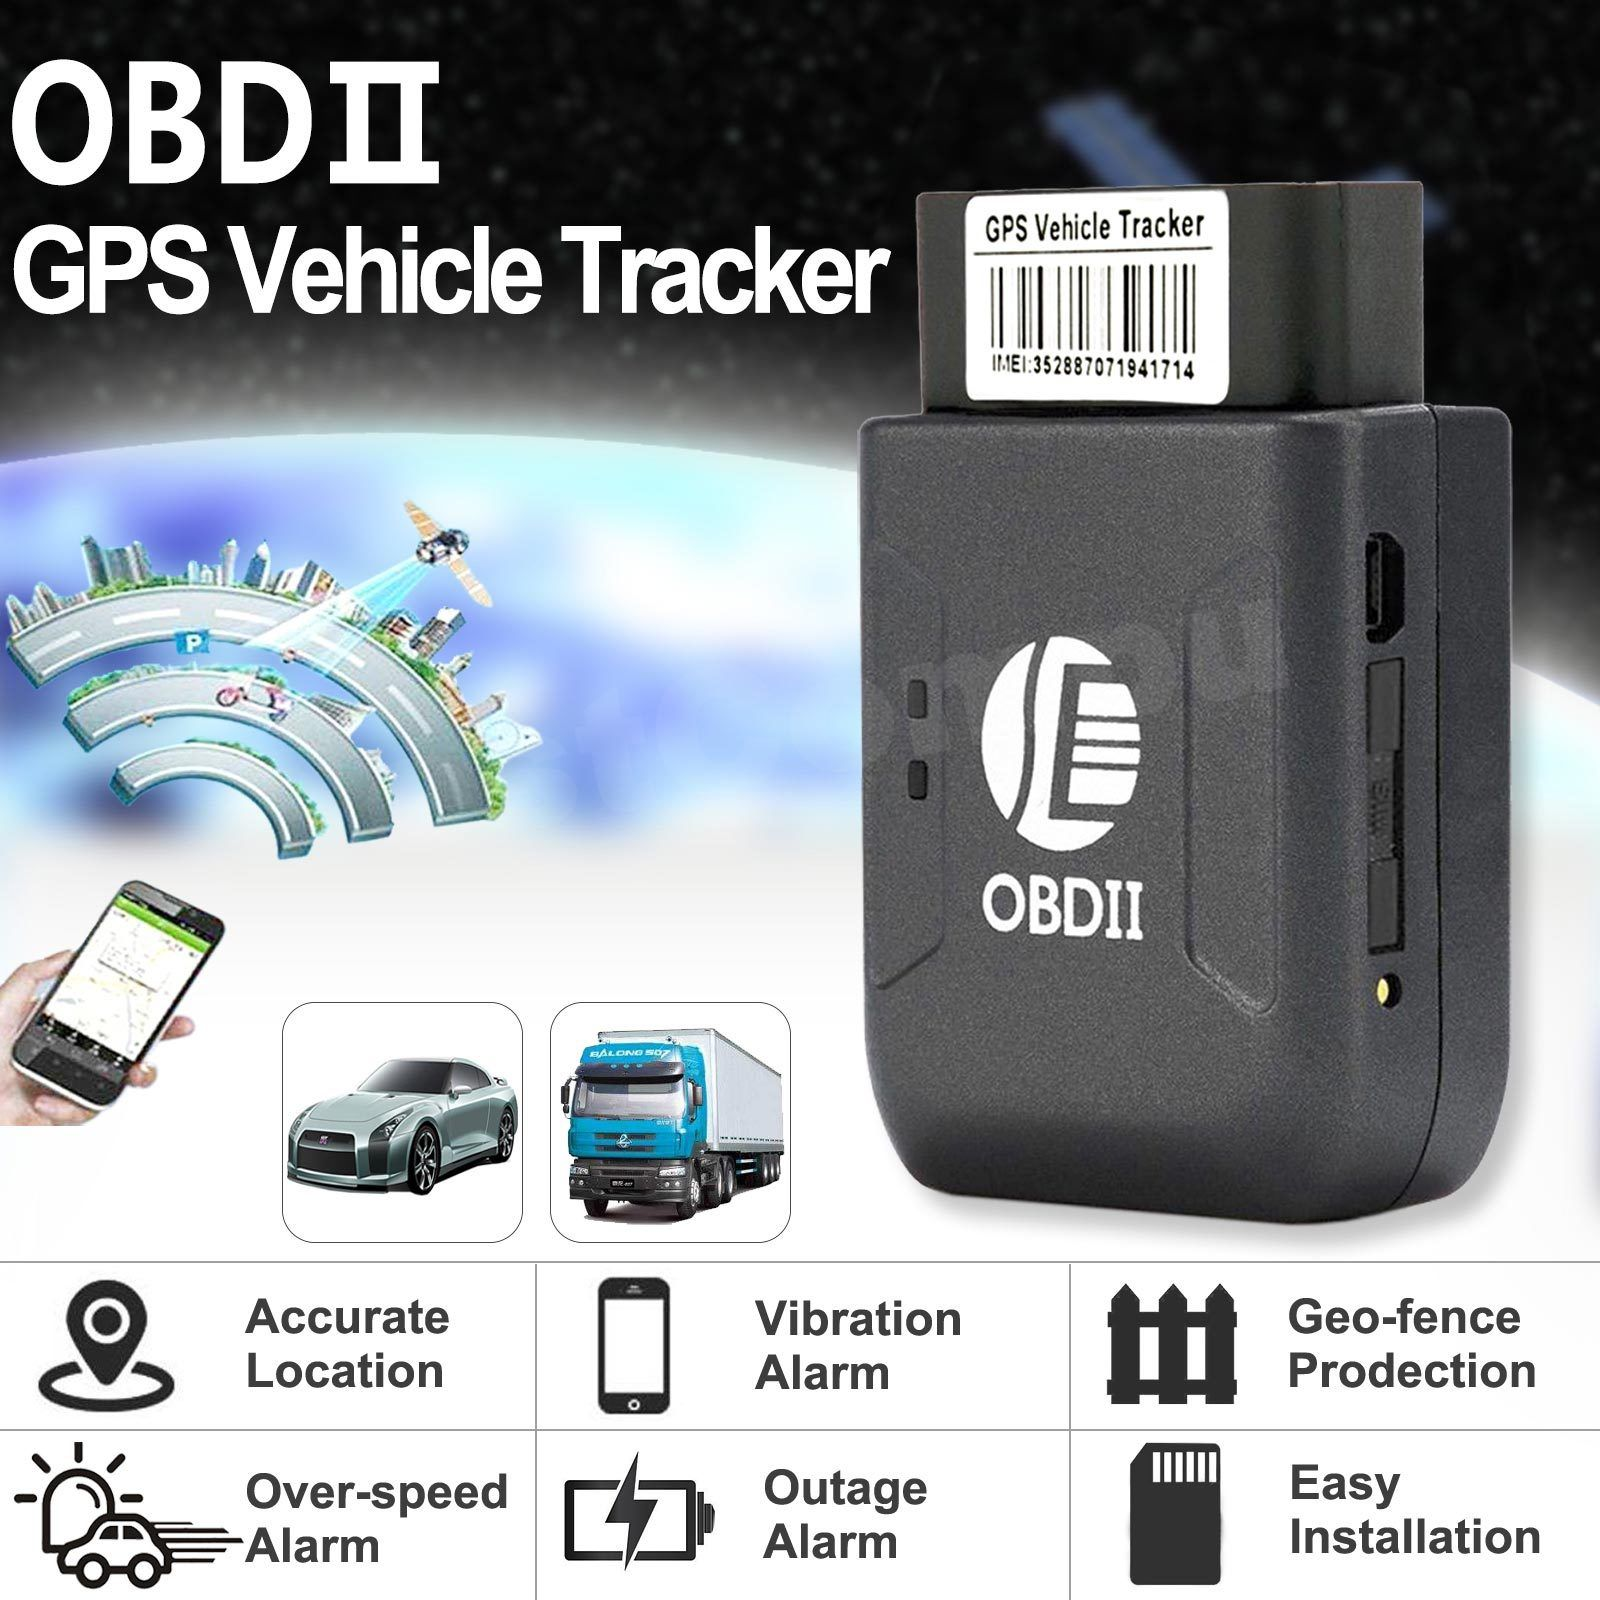 Thiết Bị Định Vị GPS Chống Trộm Cho Ô Tô Cổng OBDII AZONE